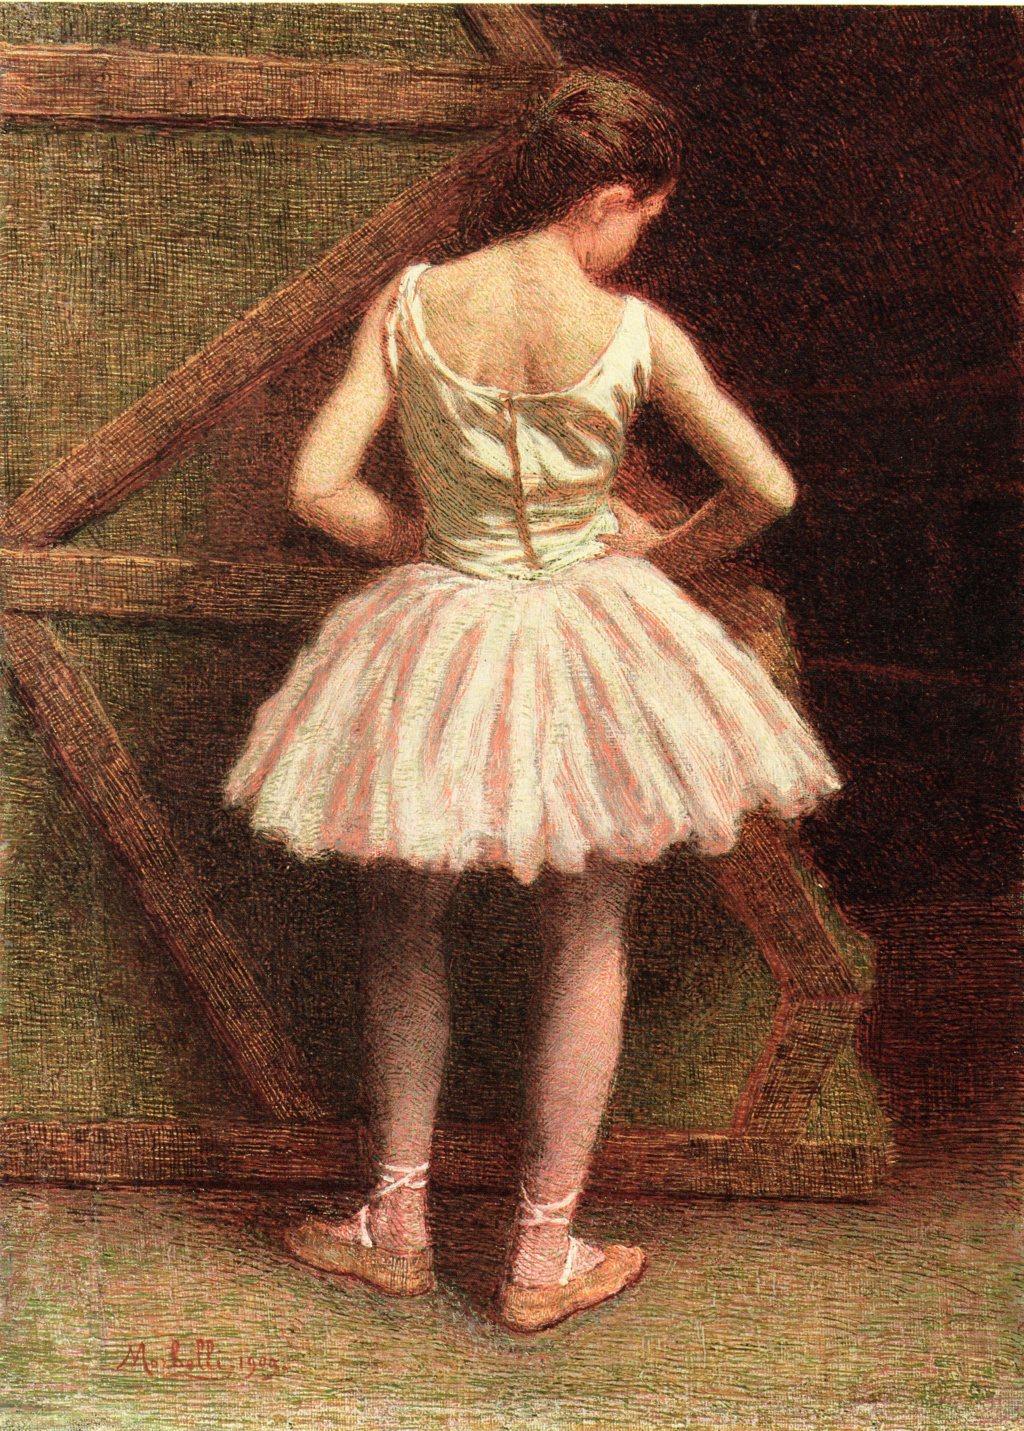 Angelo Morbelli, Ballerina a la Scala, 1909